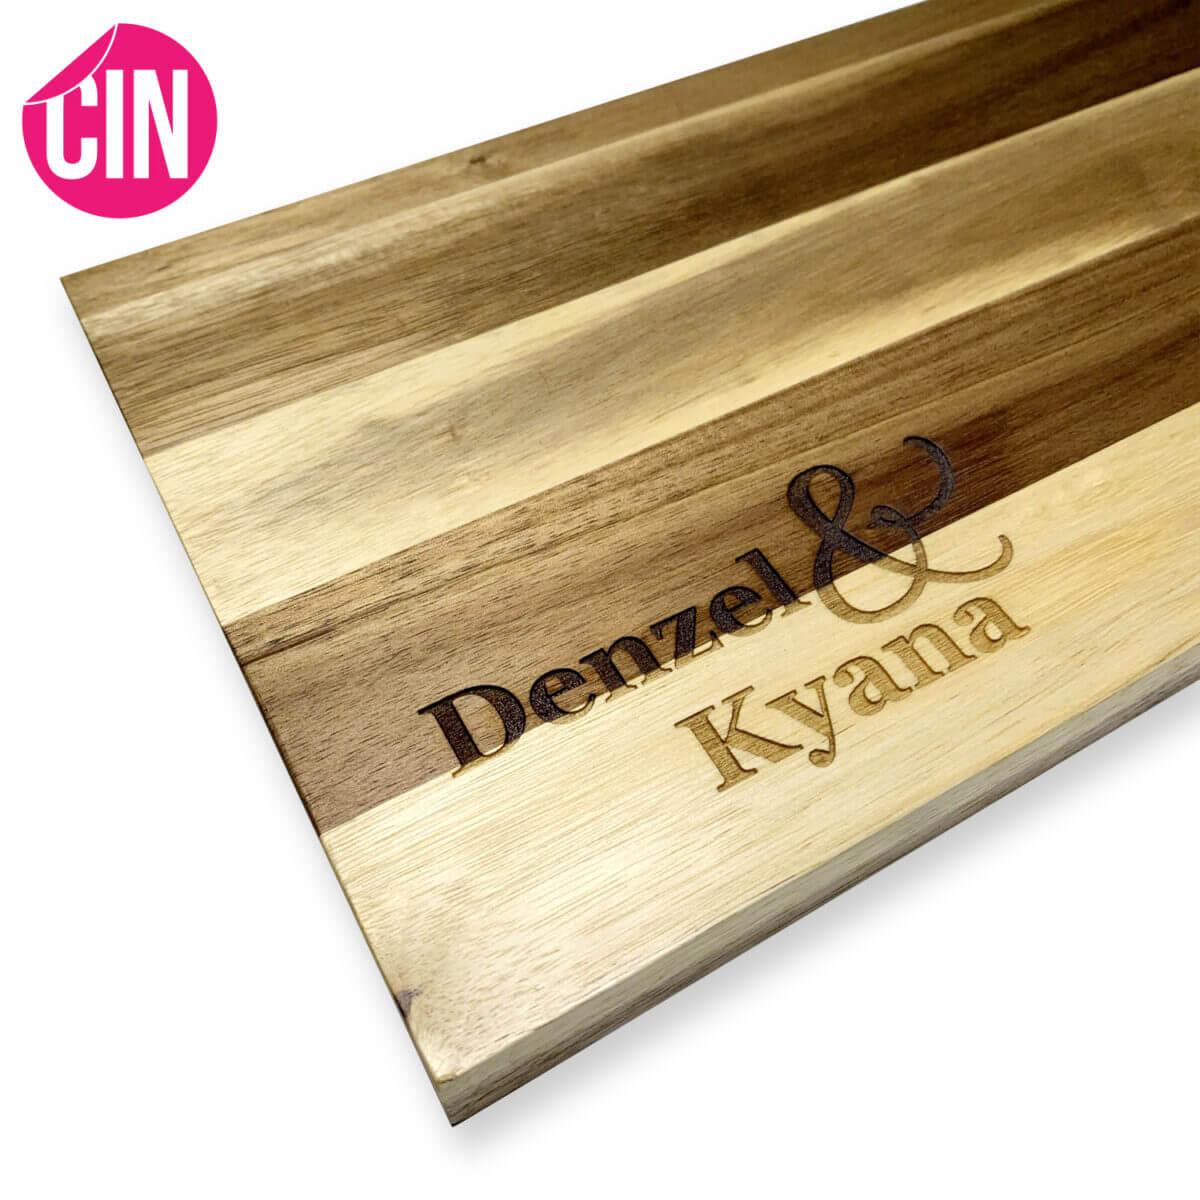 Serveerplank borrelplank met gravure gegraveerd met stad en naam Cindysigns